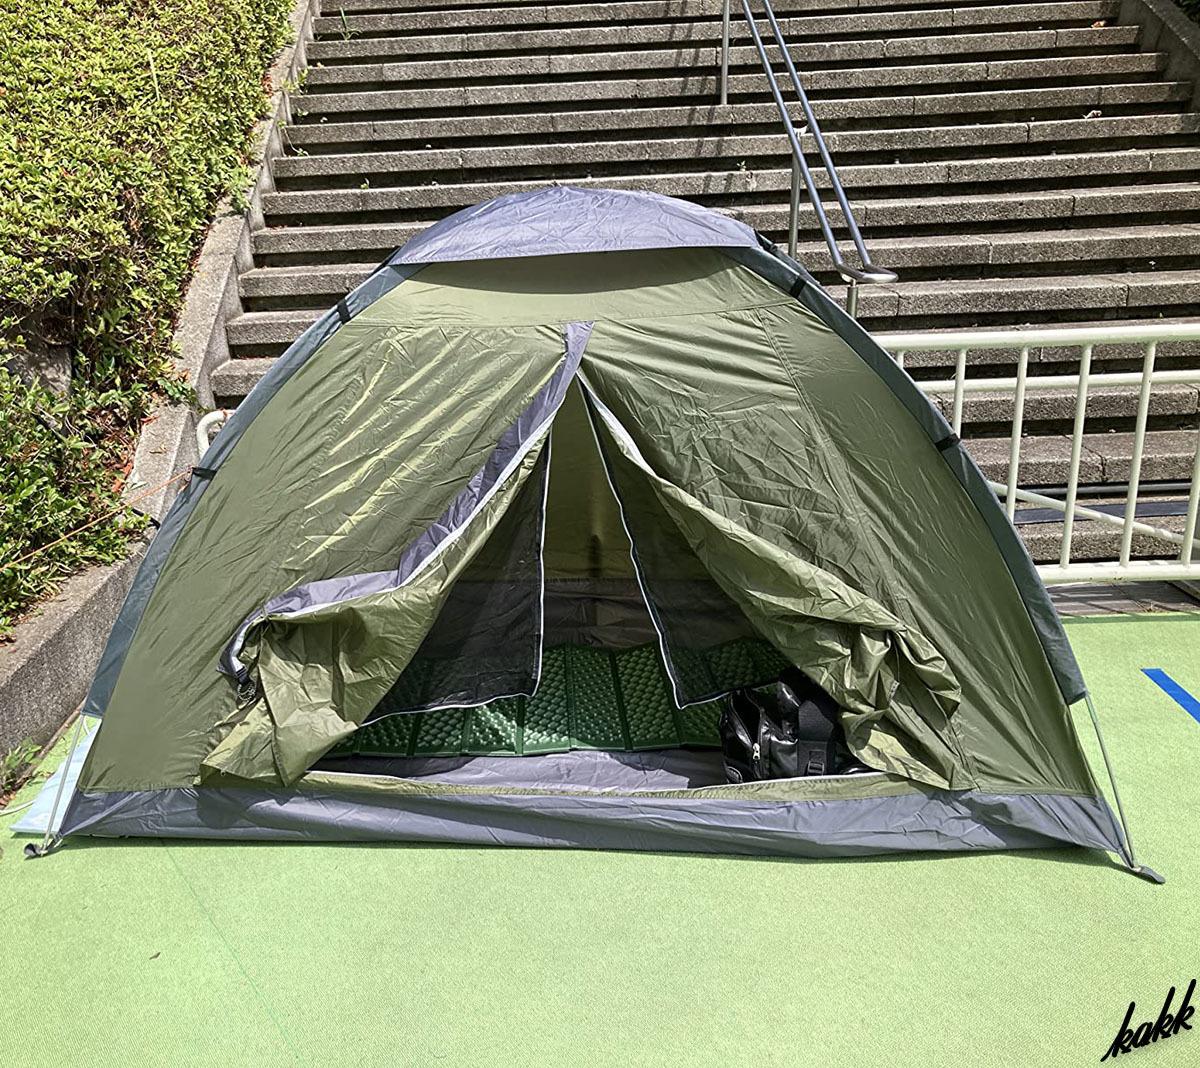 【超軽量コンパクト収納】 テント 耐水圧3000㎜ ソロキャンプ ツーリングキャンプ 通気性 アウトドア レジャー キャンプ グリーン